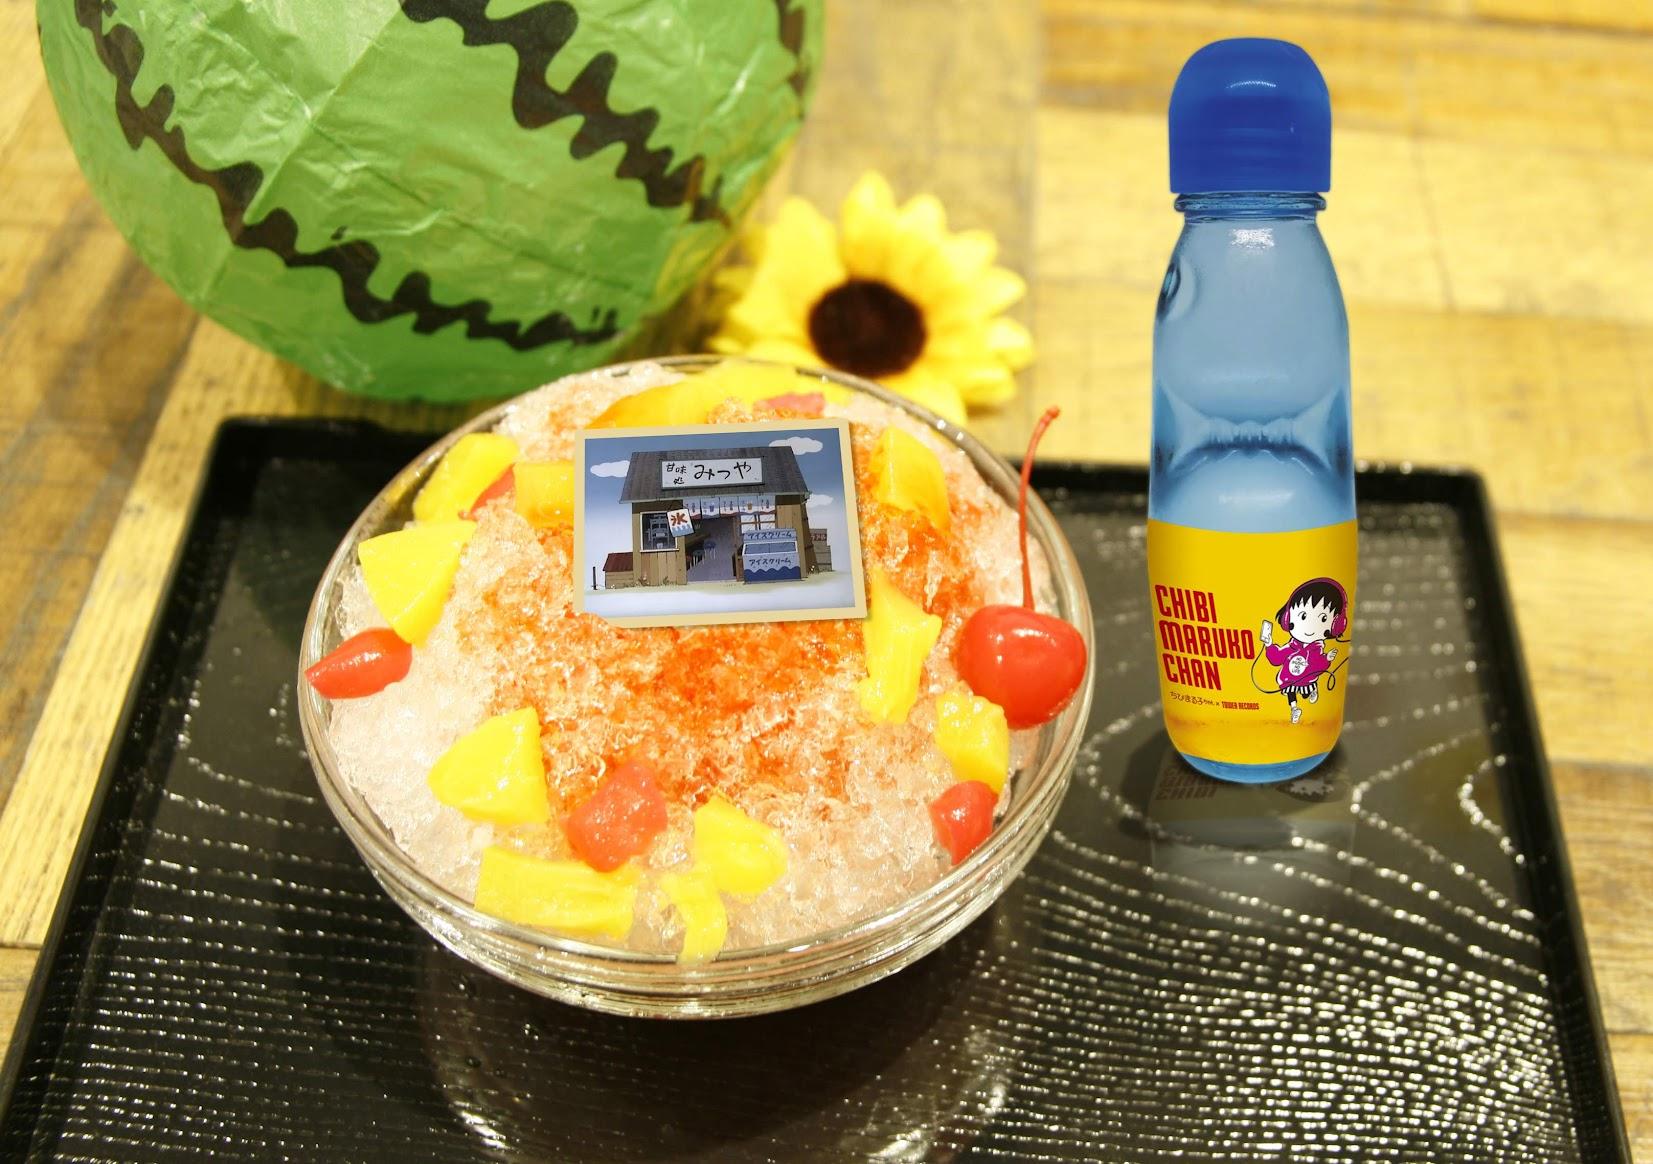 [迷迷動漫] 這永澤也太像! 櫻桃小丸子 與 TOWER RECORDS 聯名咖啡店9月日本開張